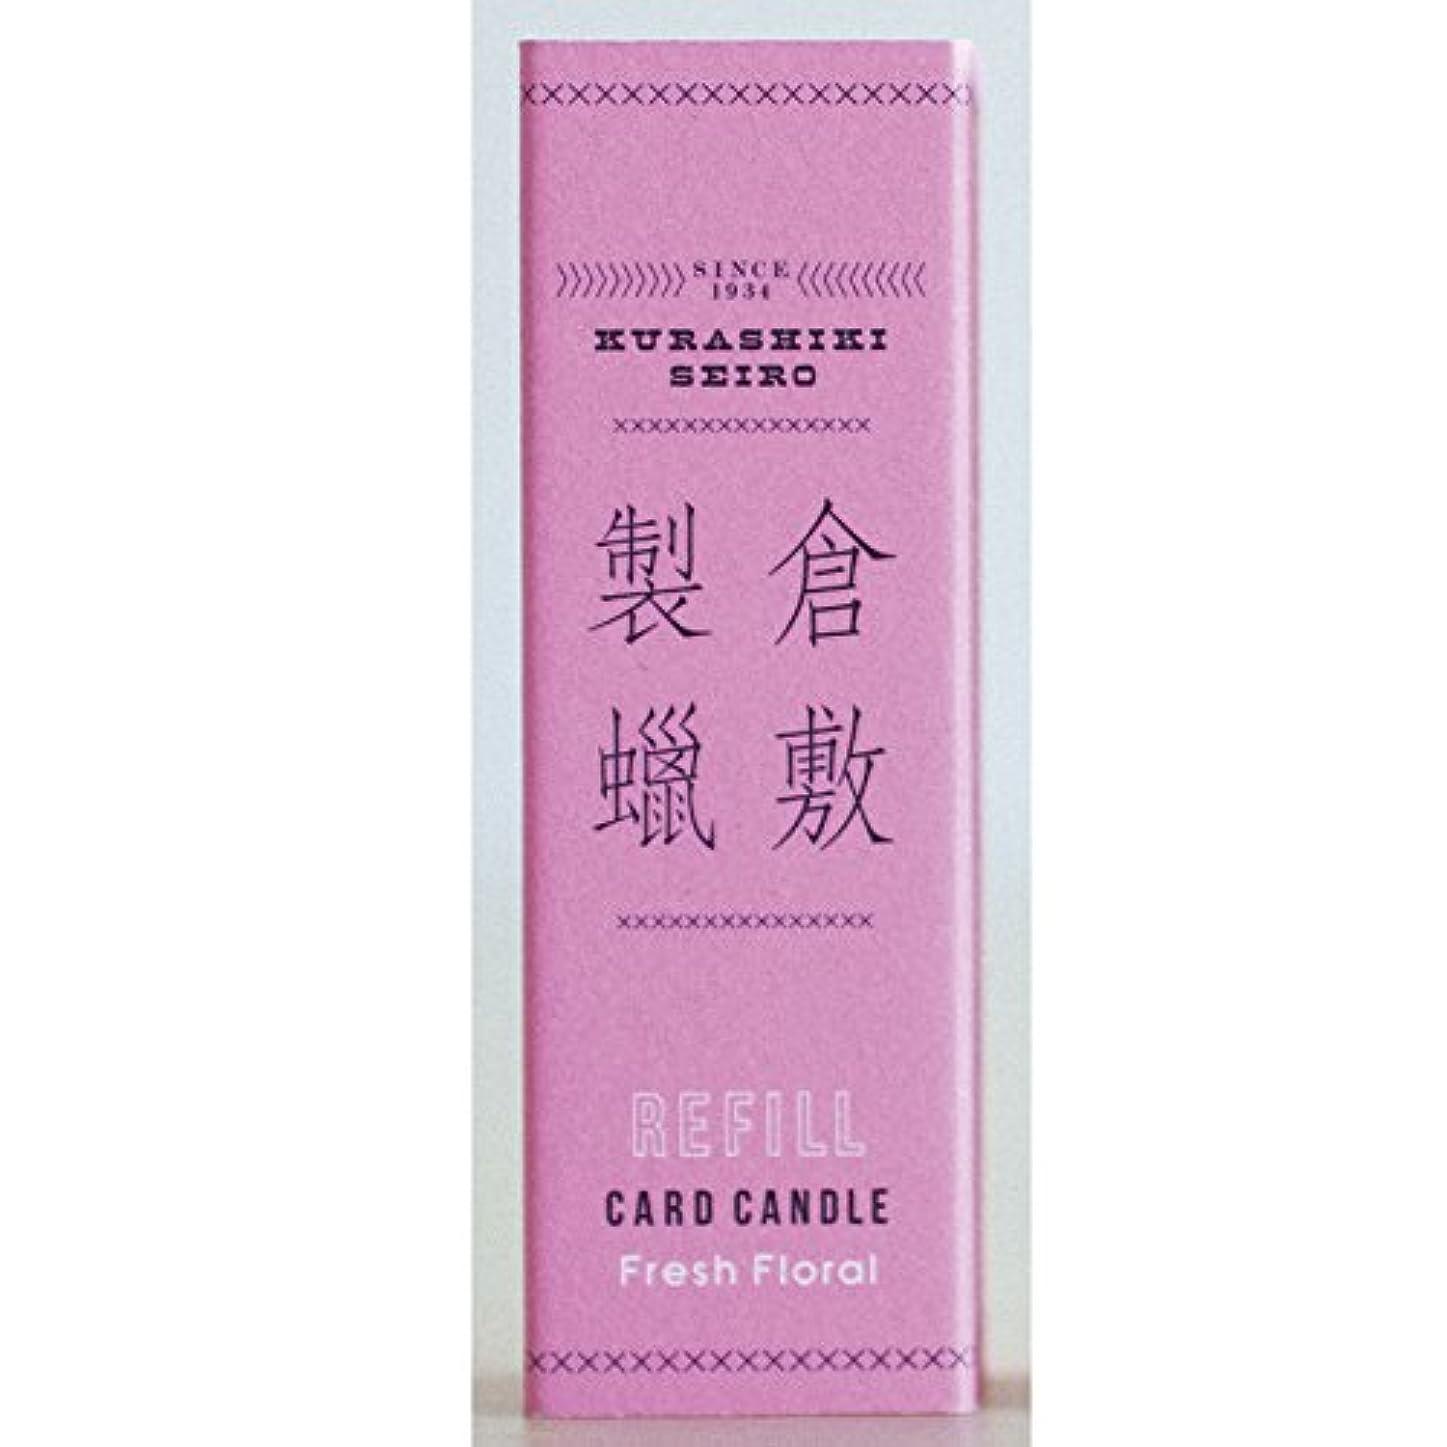 密サイレン突き出す倉敷製蝋 CARD CANDLE REFILL (Fresh Floral)